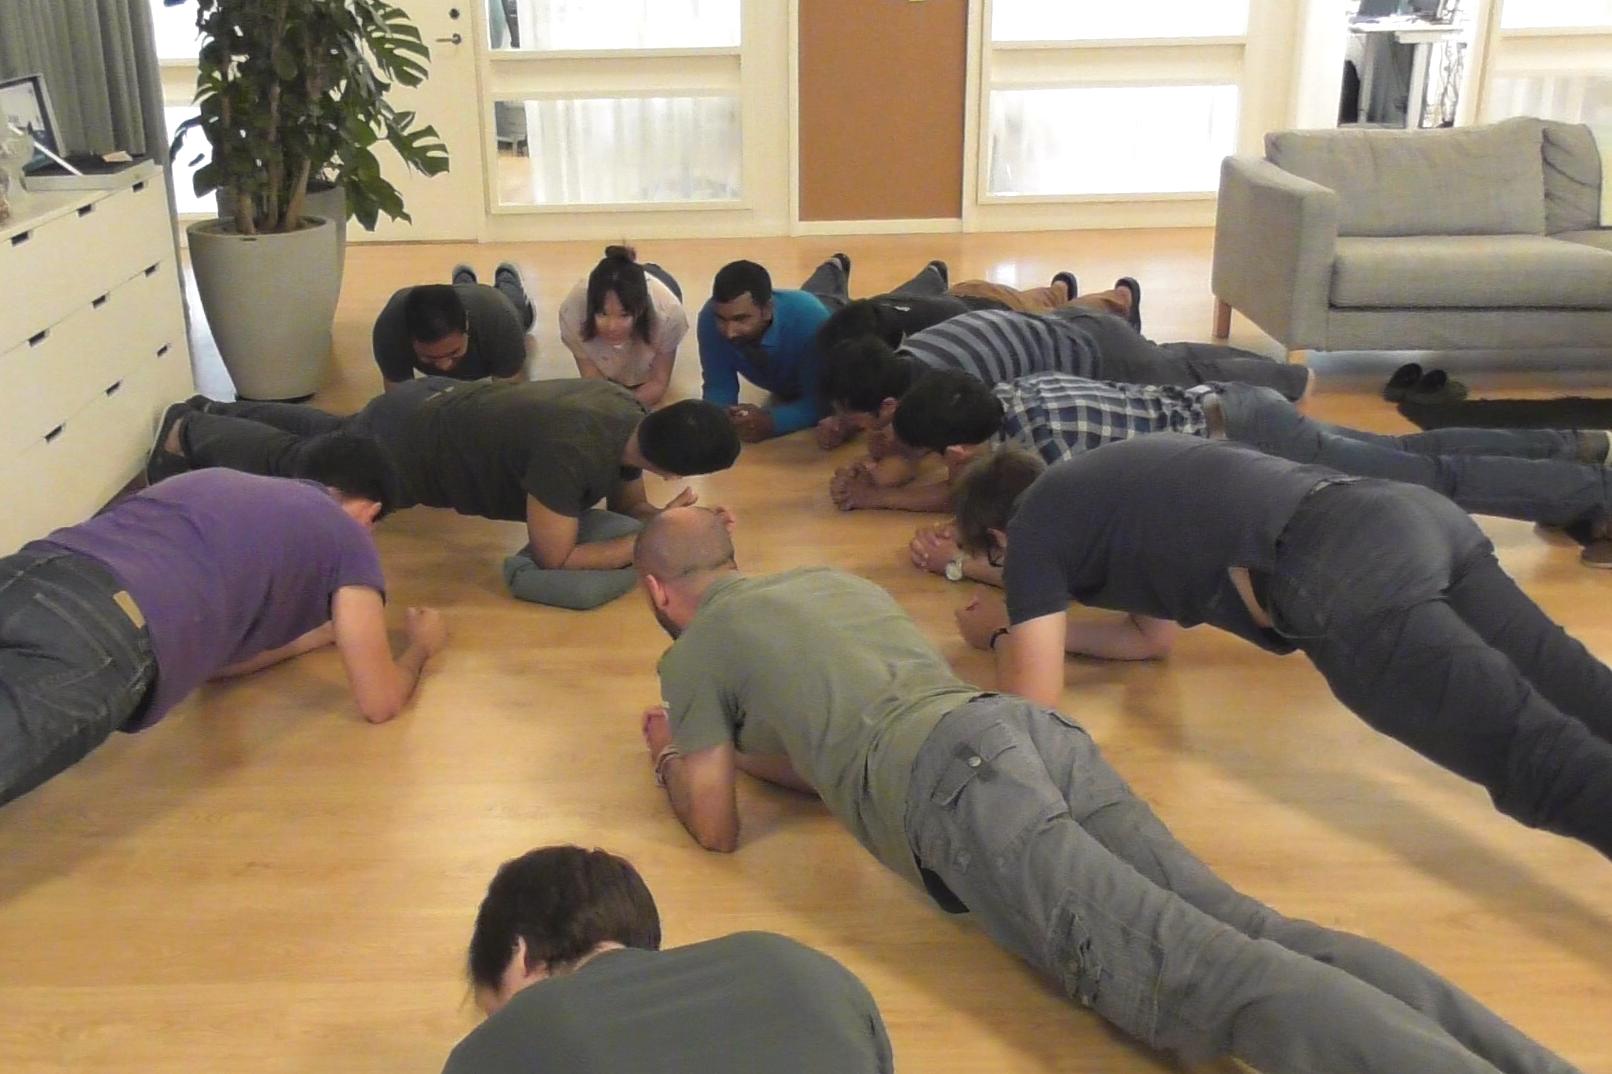 DEK Technologies Sweden planking participants